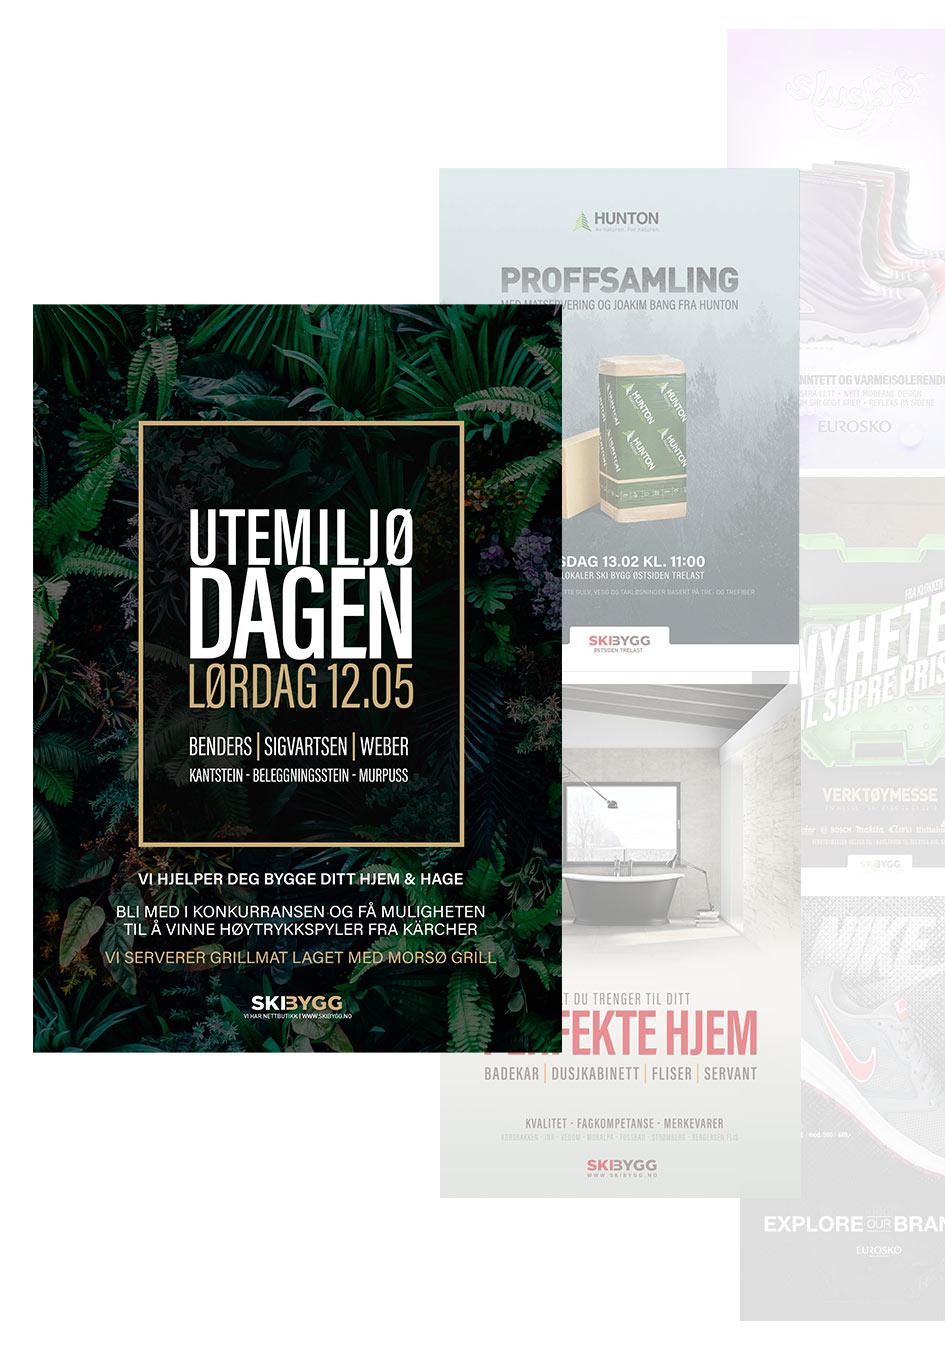 Utvalg av posterdesign av Sanzero Designbyrå